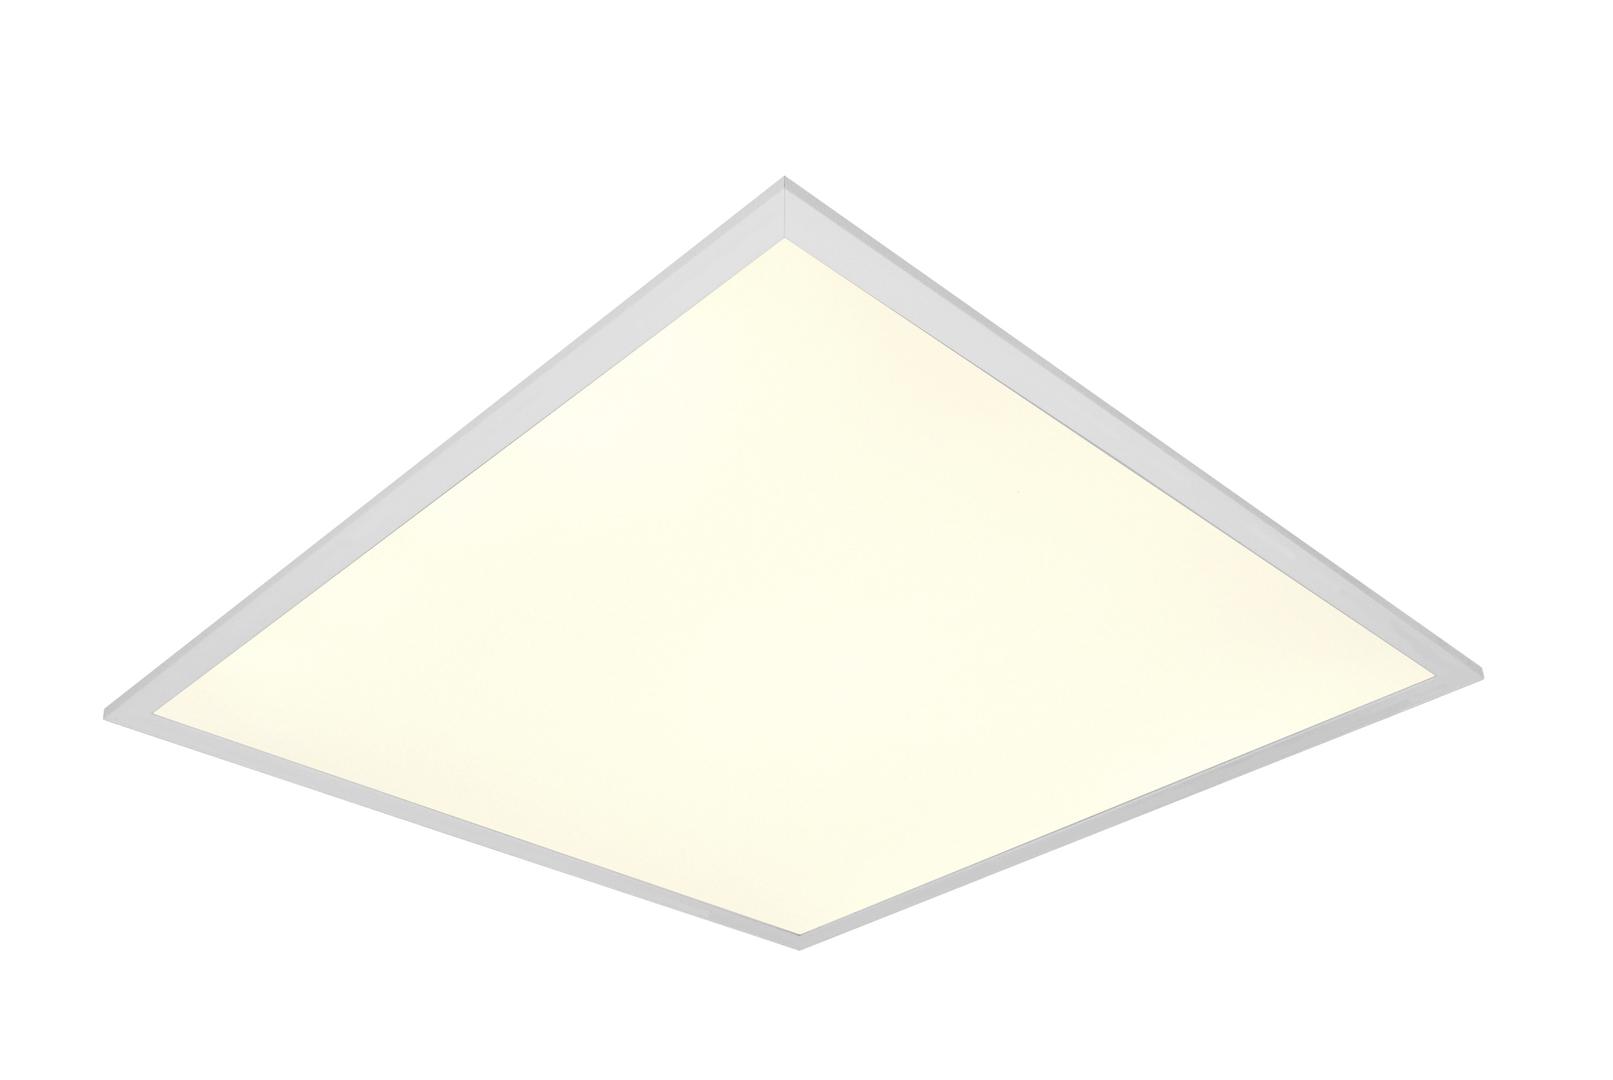 LED panel white square 80W 230V IP20 4000K